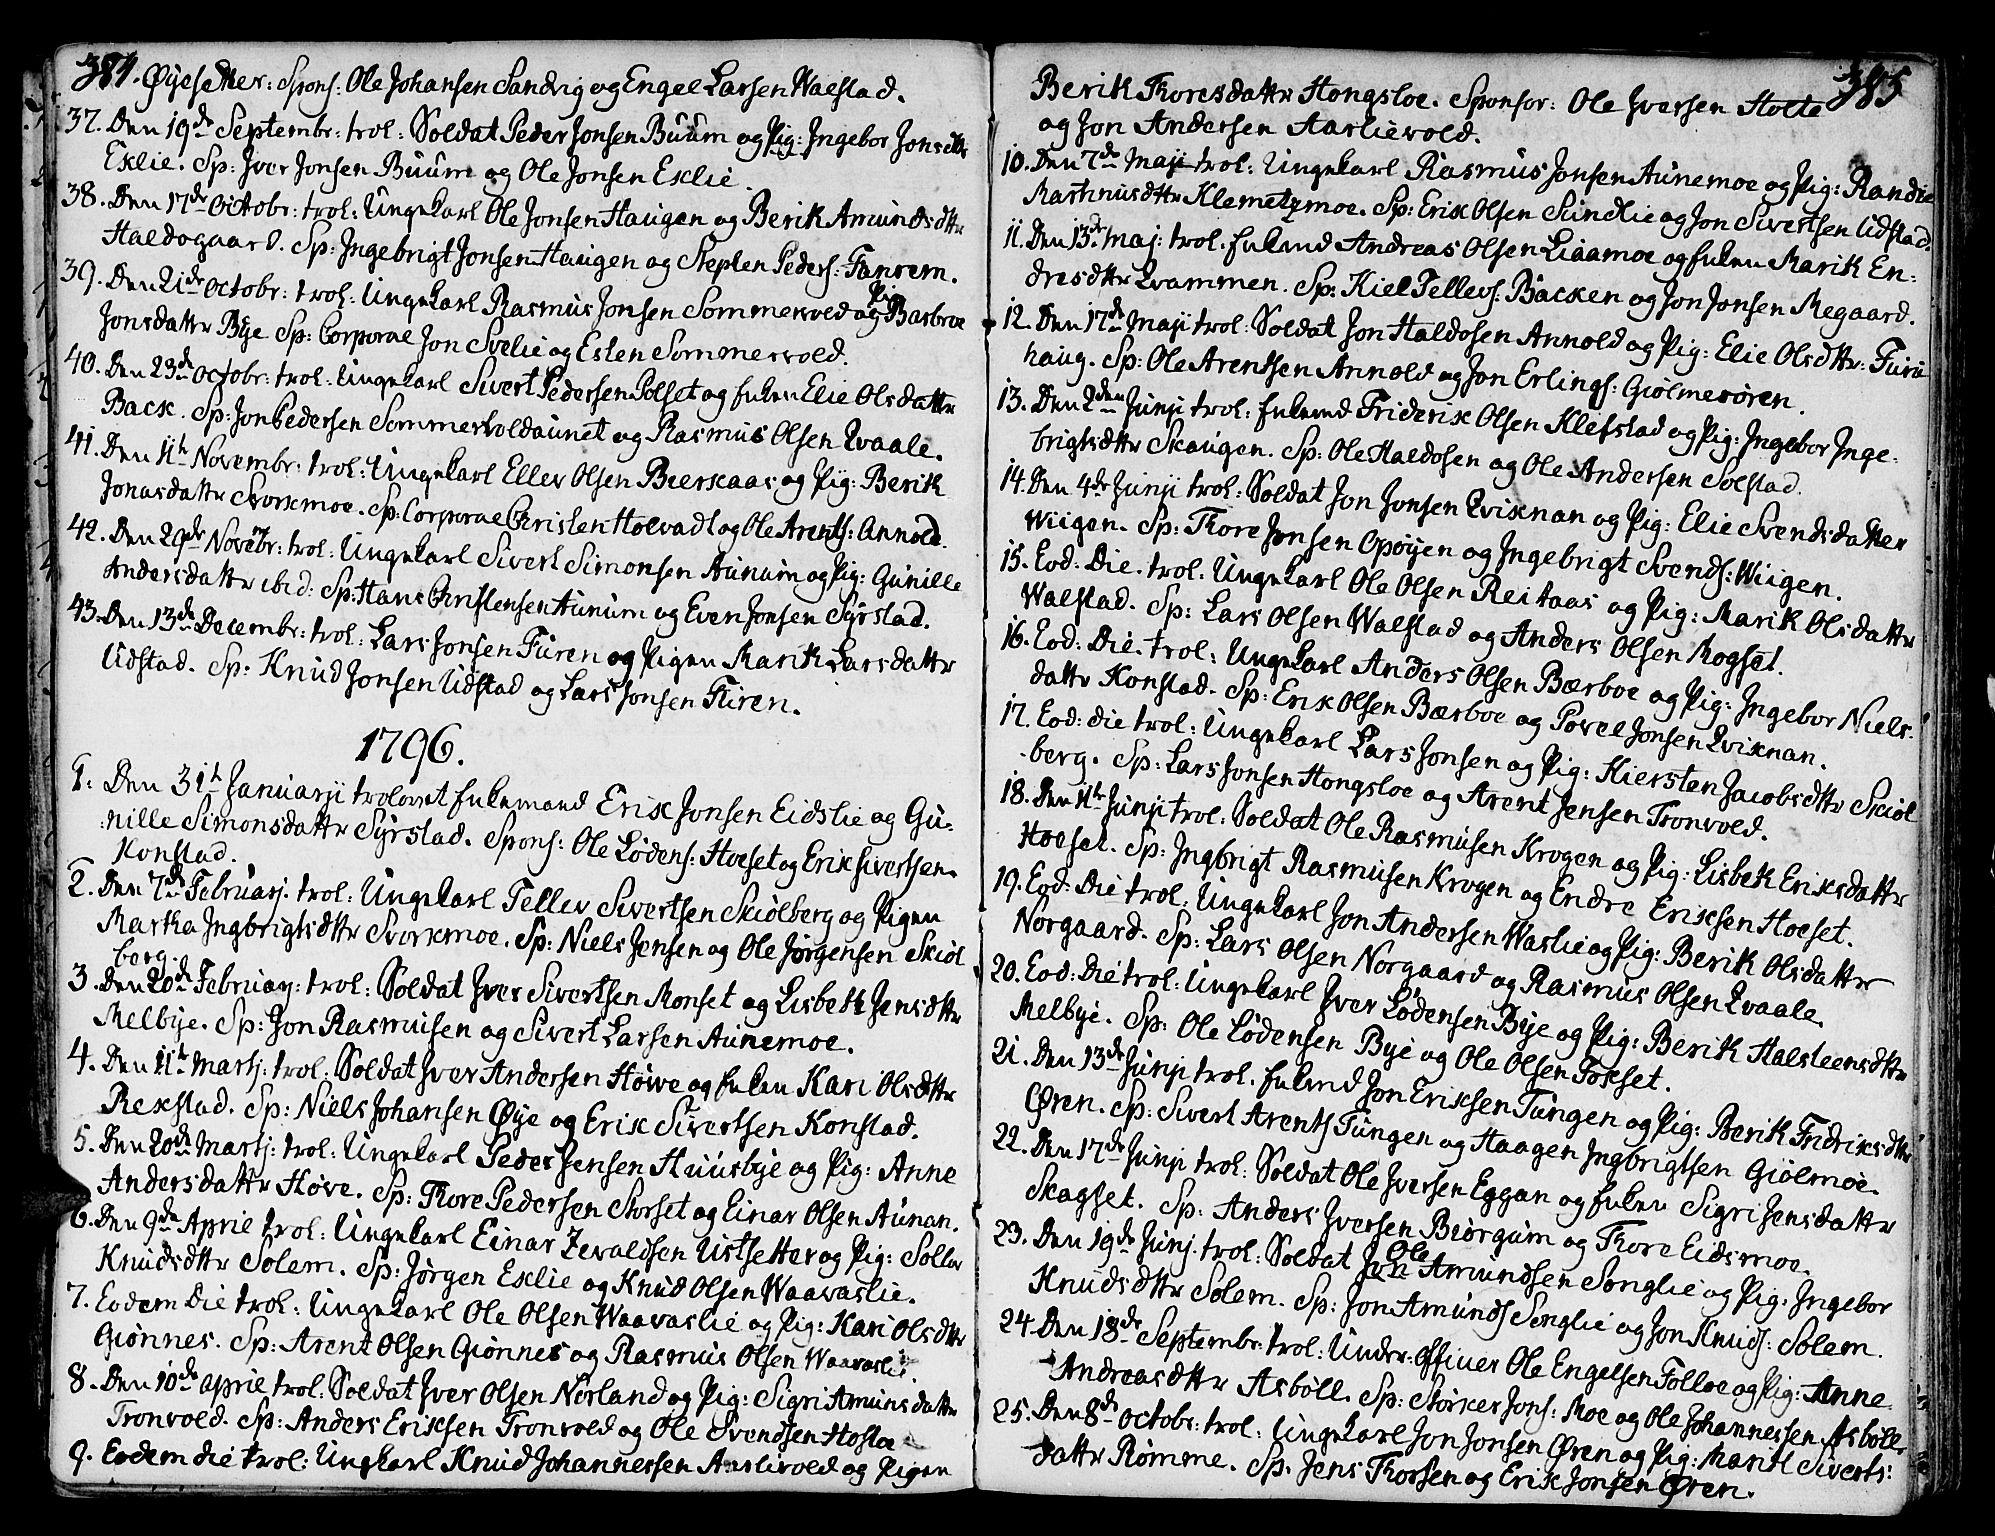 SAT, Ministerialprotokoller, klokkerbøker og fødselsregistre - Sør-Trøndelag, 668/L0802: Ministerialbok nr. 668A02, 1776-1799, s. 384-385